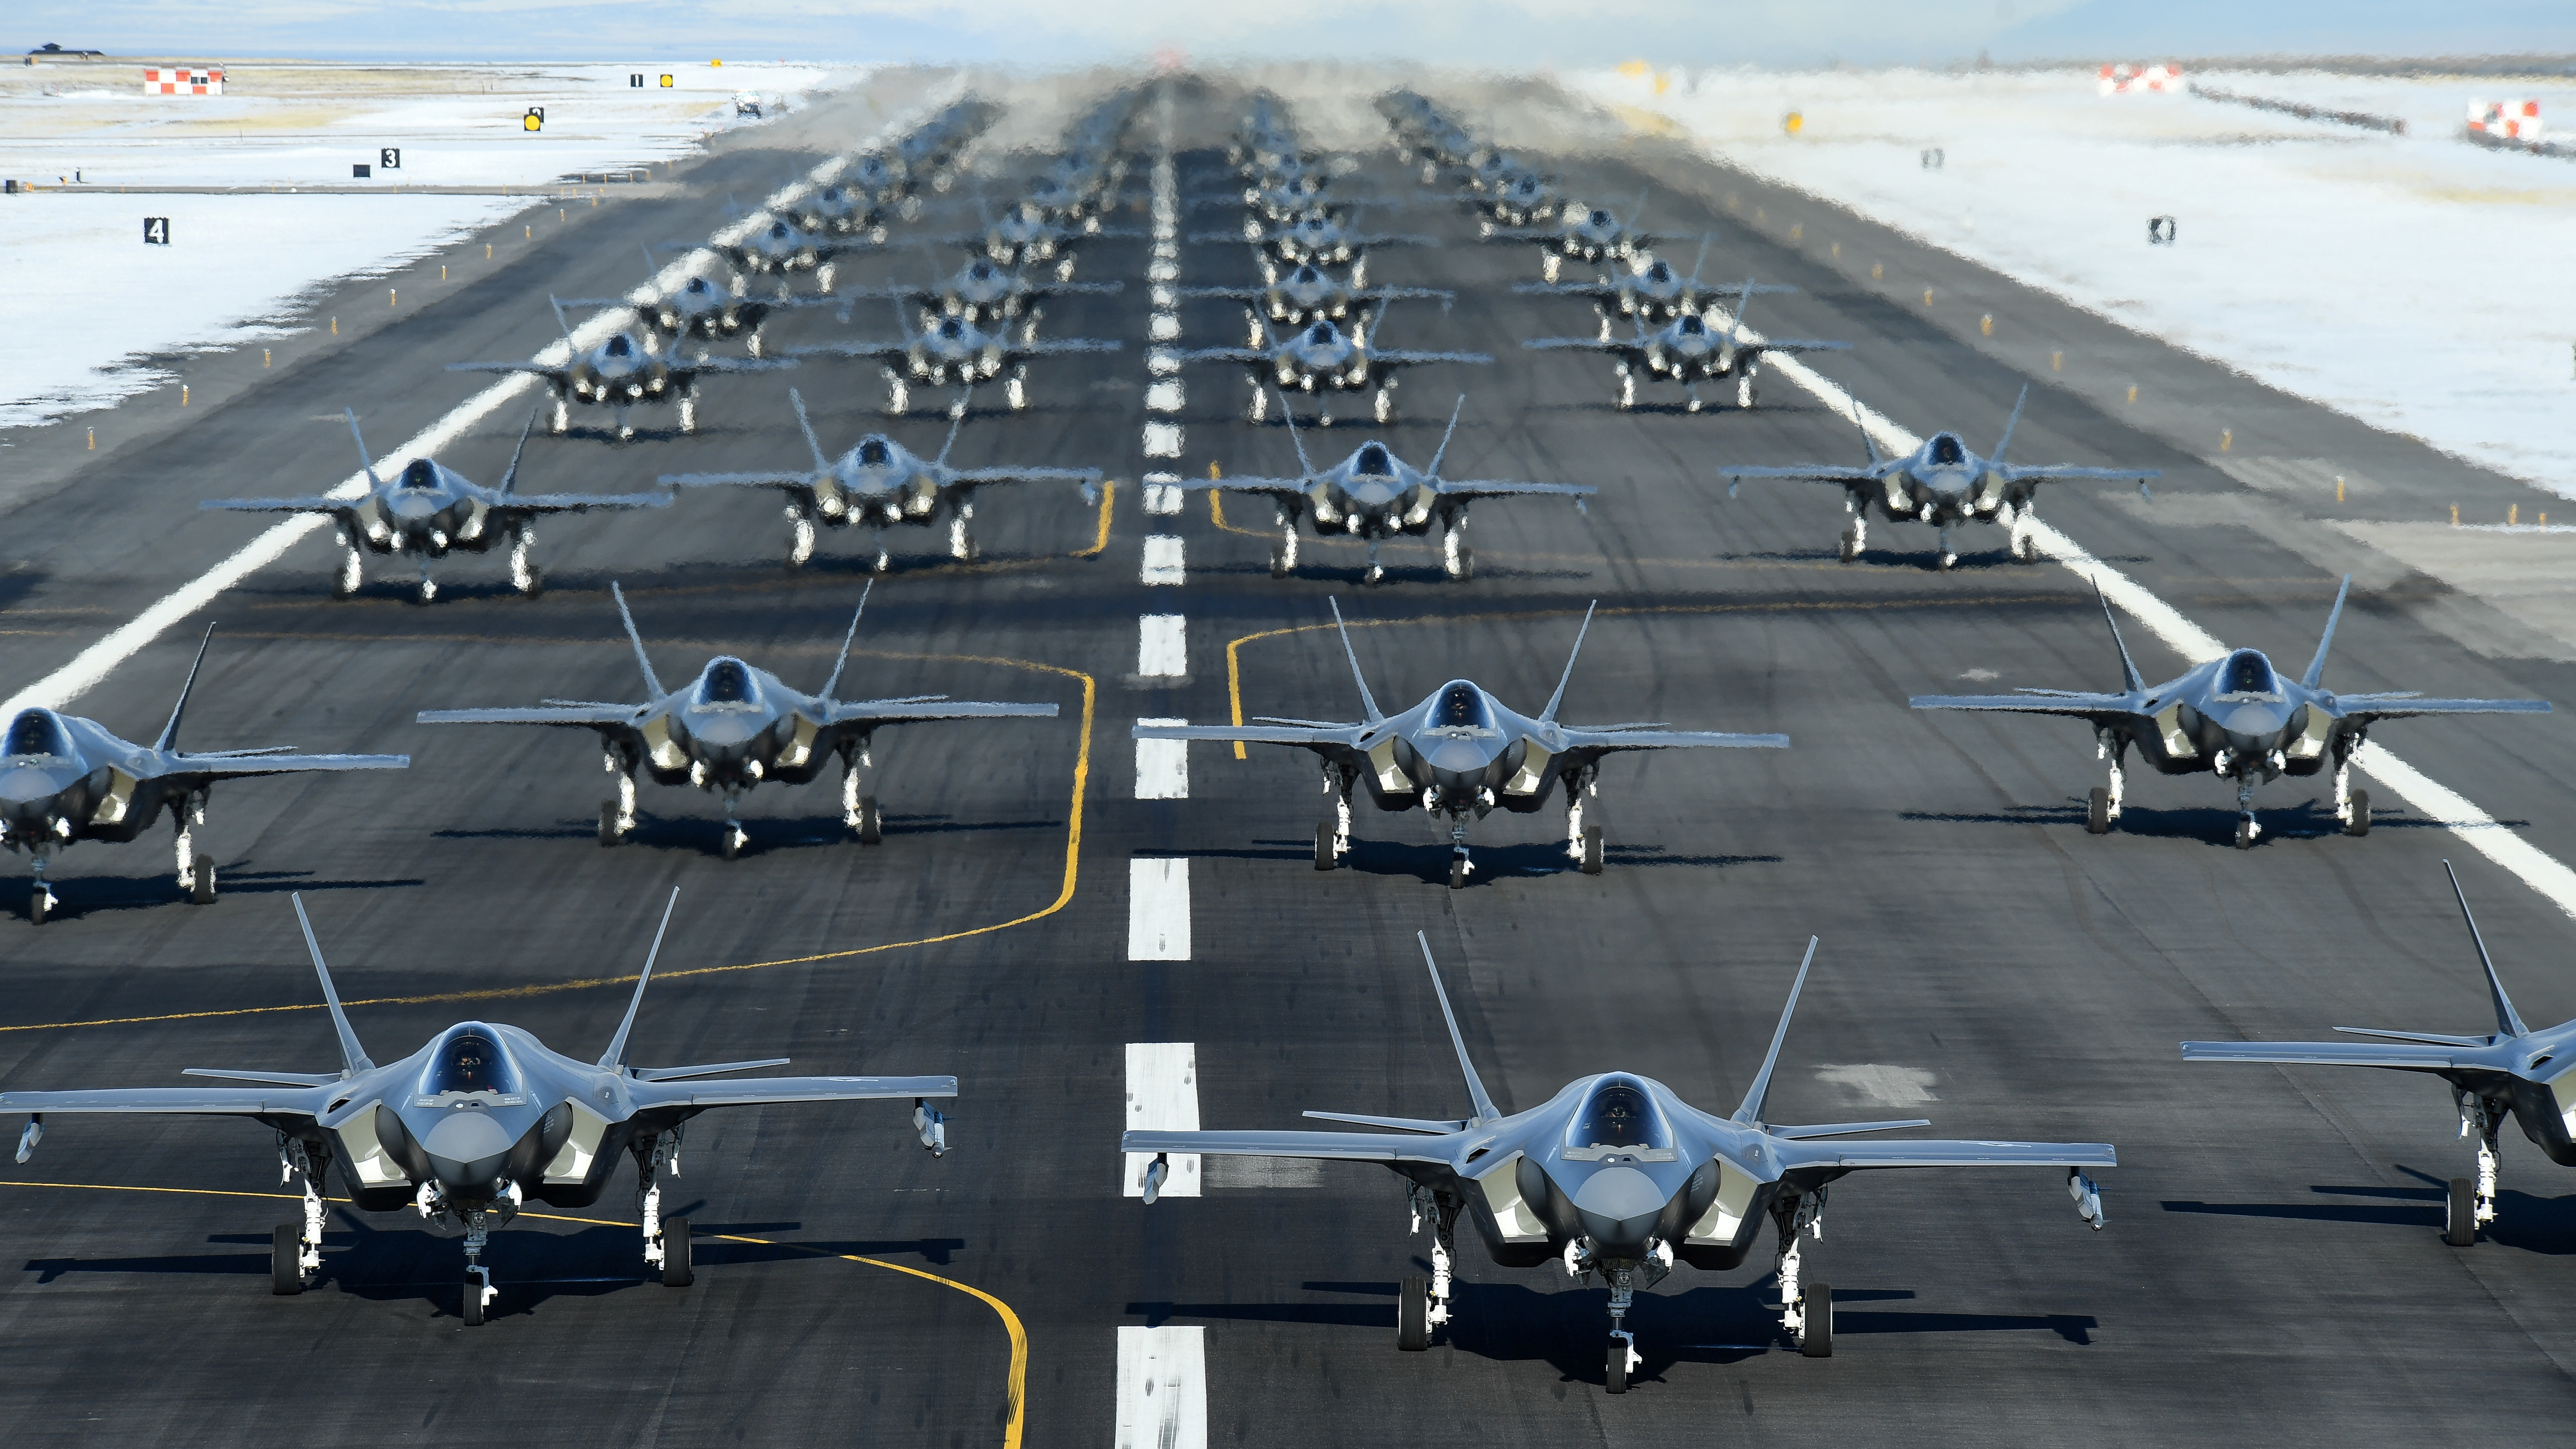 52 F 35 Listos Para La Guerra El Ejercicio Aéreo Que Muestra Parte Del Poderío Militar Absoluto De Los Estados Unidos Infobae